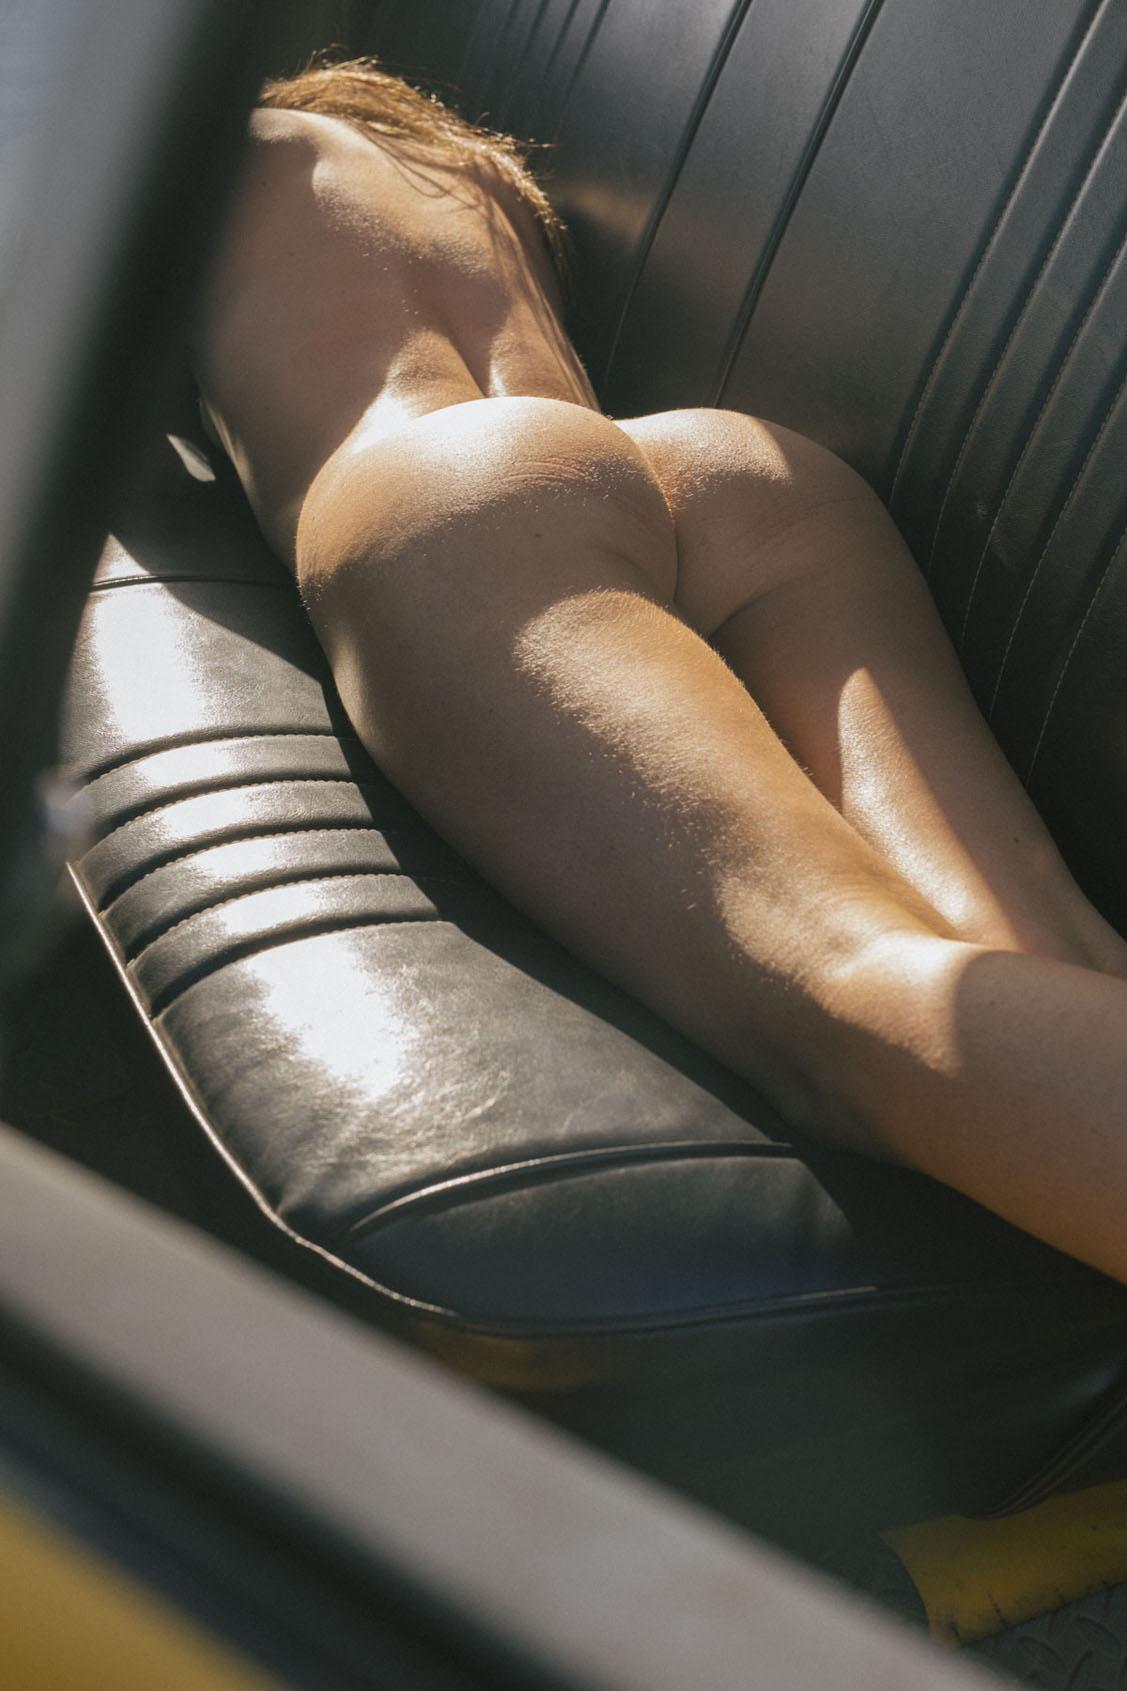 голая девушка в желтом грузовике на пустынной дороге / фото 16